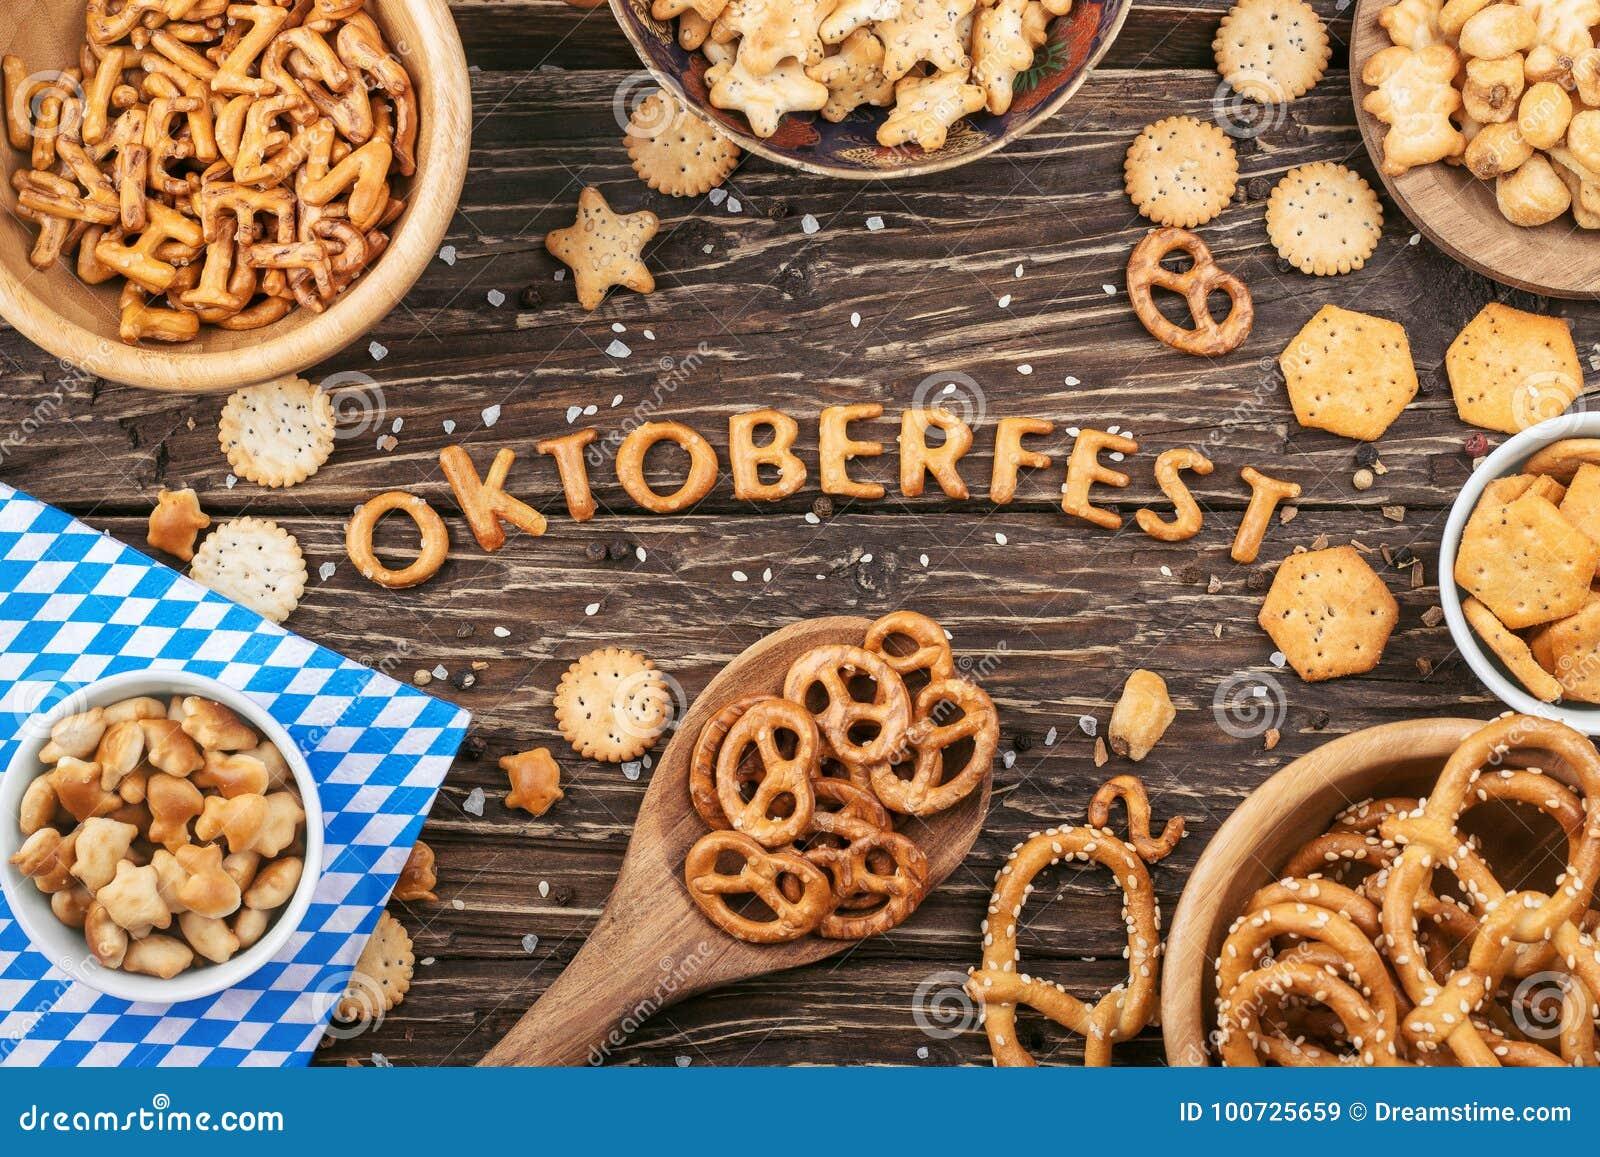 Rotulação de Oktoberfest Biscoitos salgados, pretzeis e outro petisco